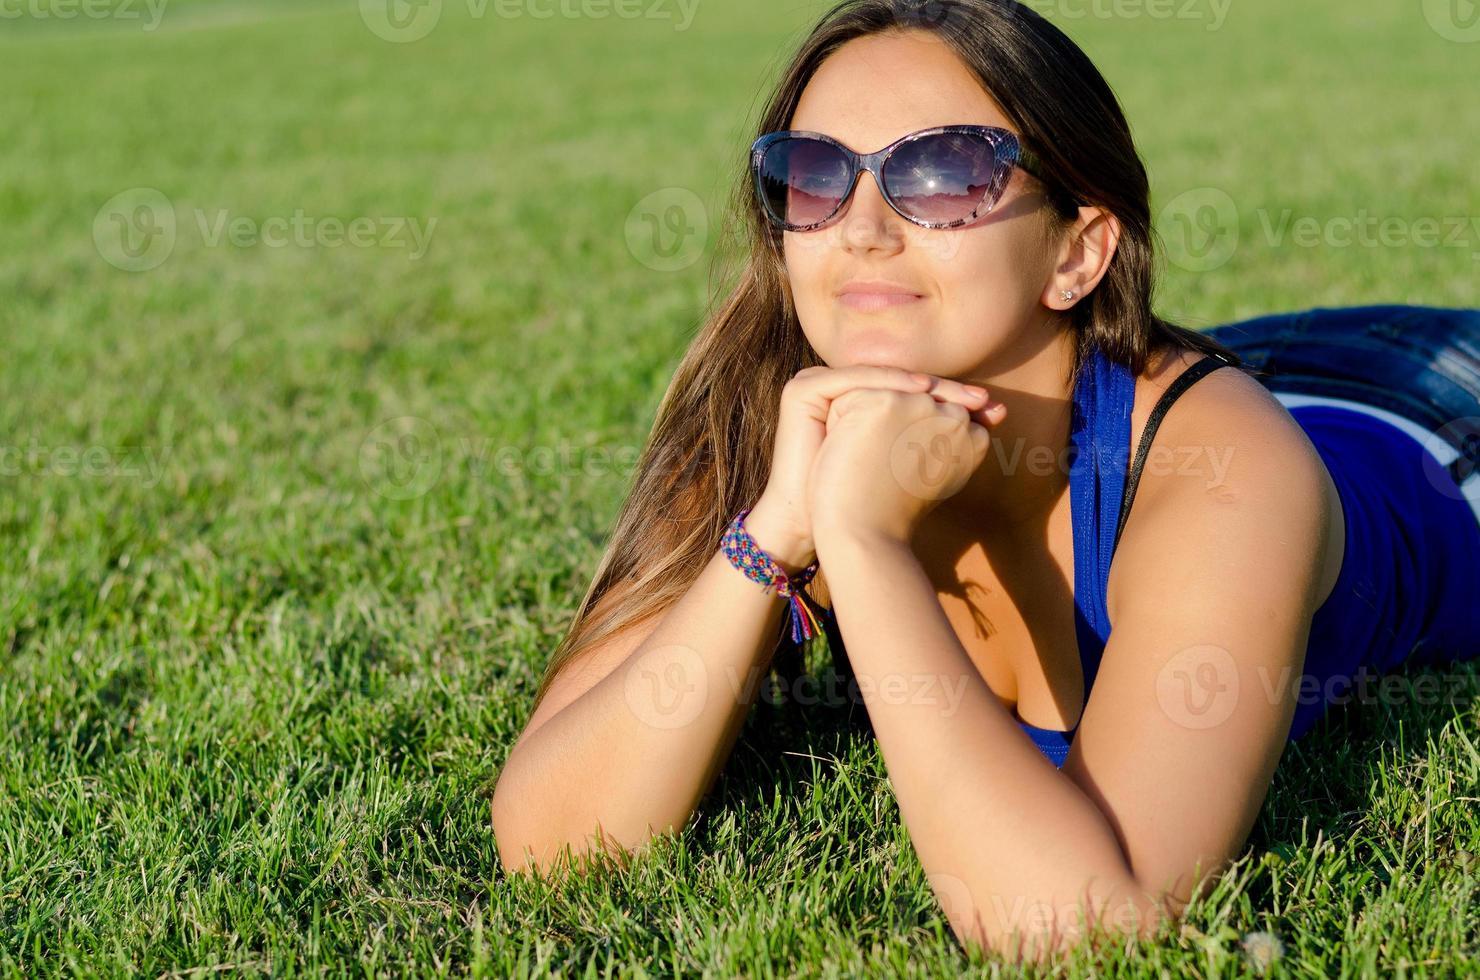 vrouw genieten van de zon foto